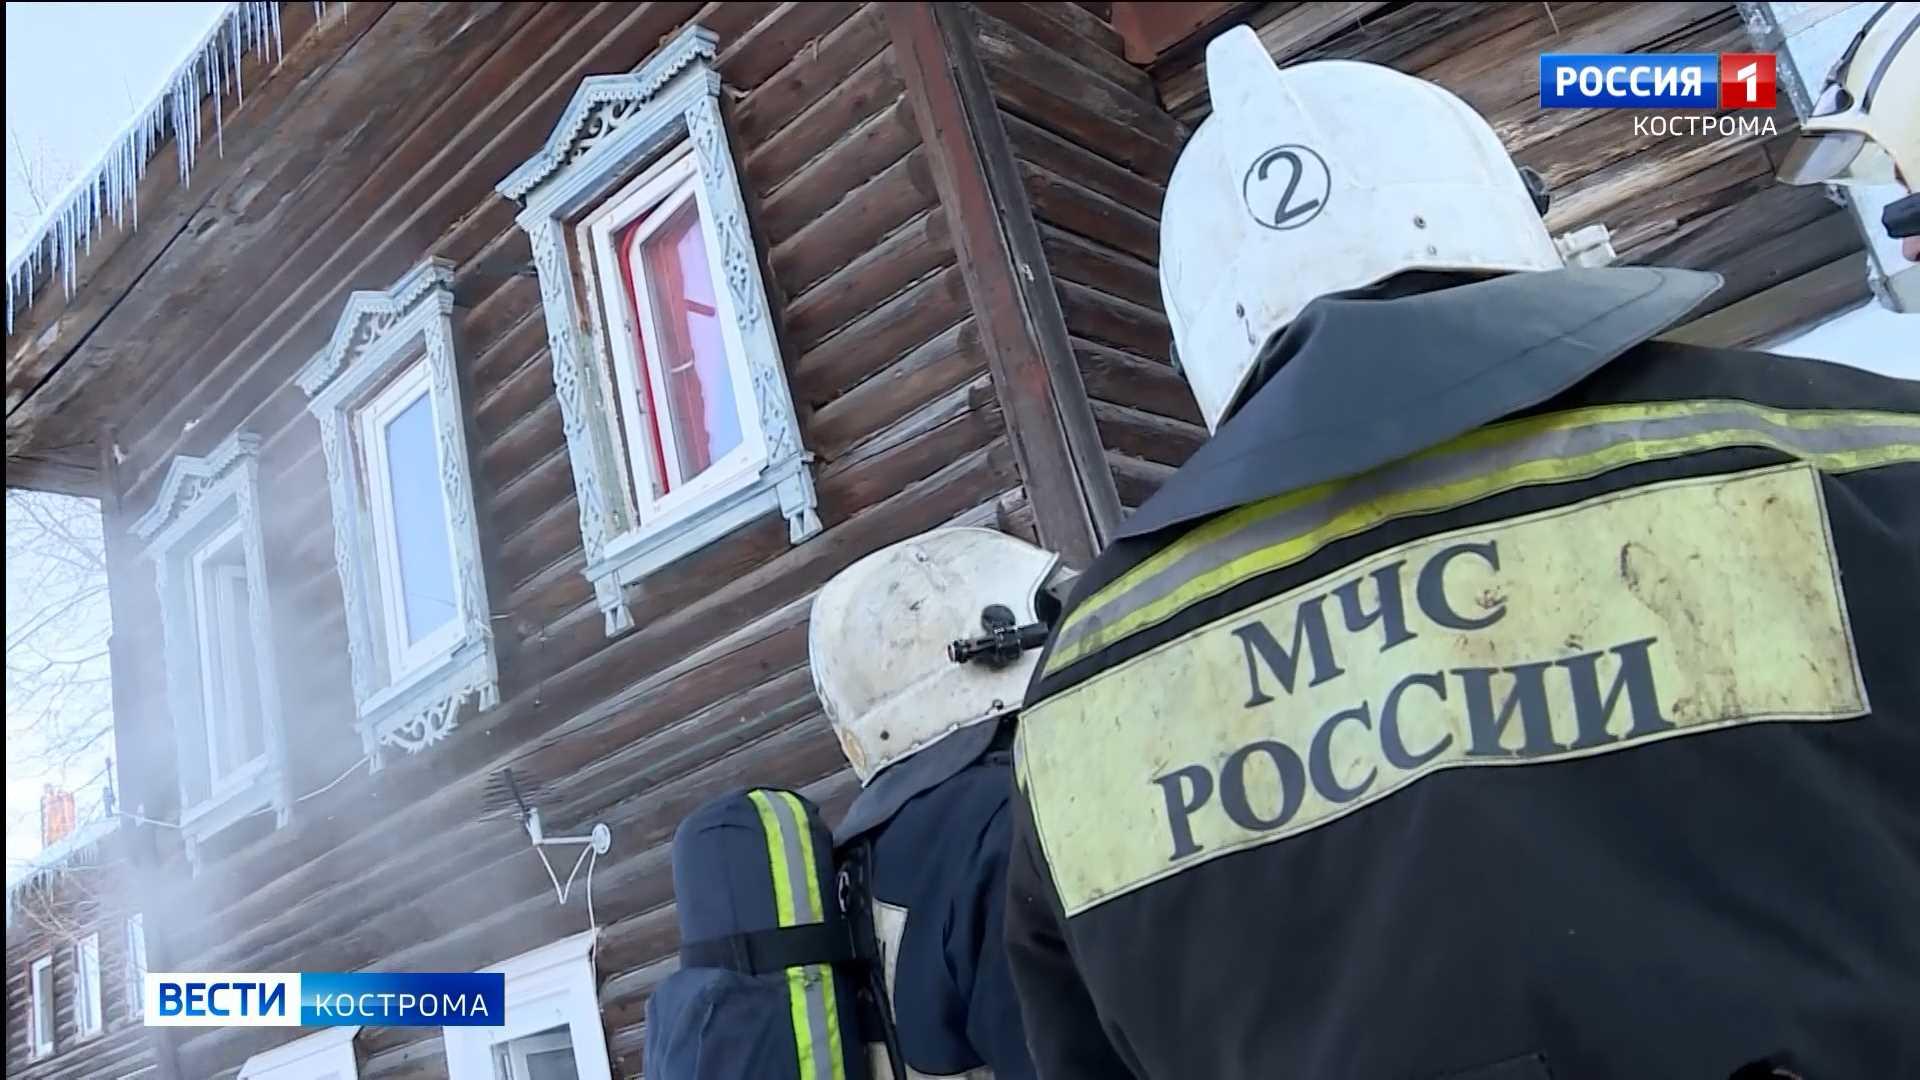 В день противопожарного рейда в Костроме горел дом многодетной семьи